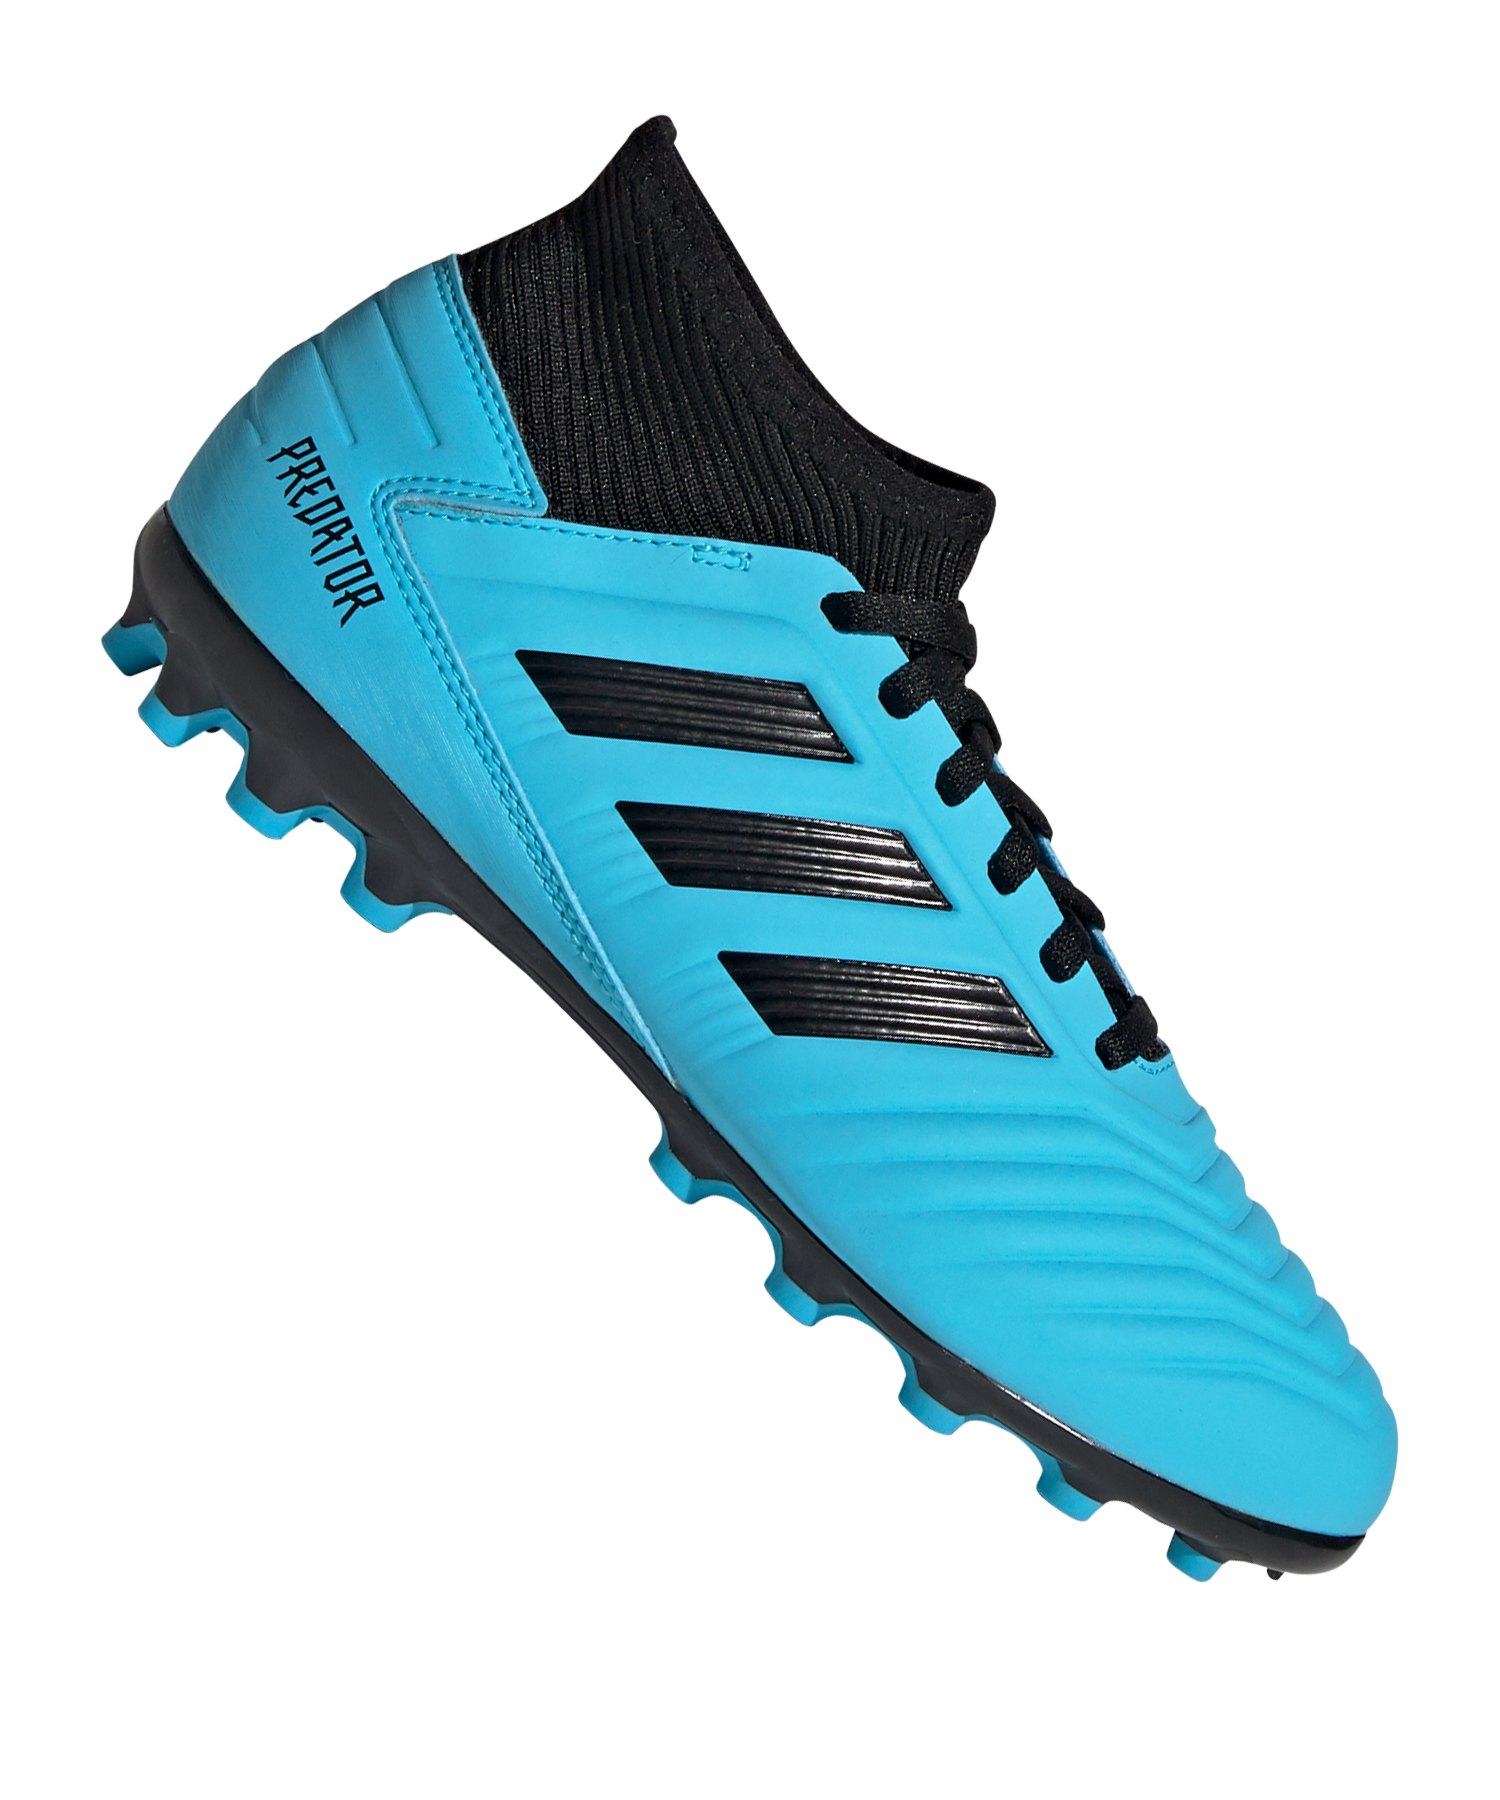 adidas Predator 19.3 AG J Kids Blau Schwarz - blau